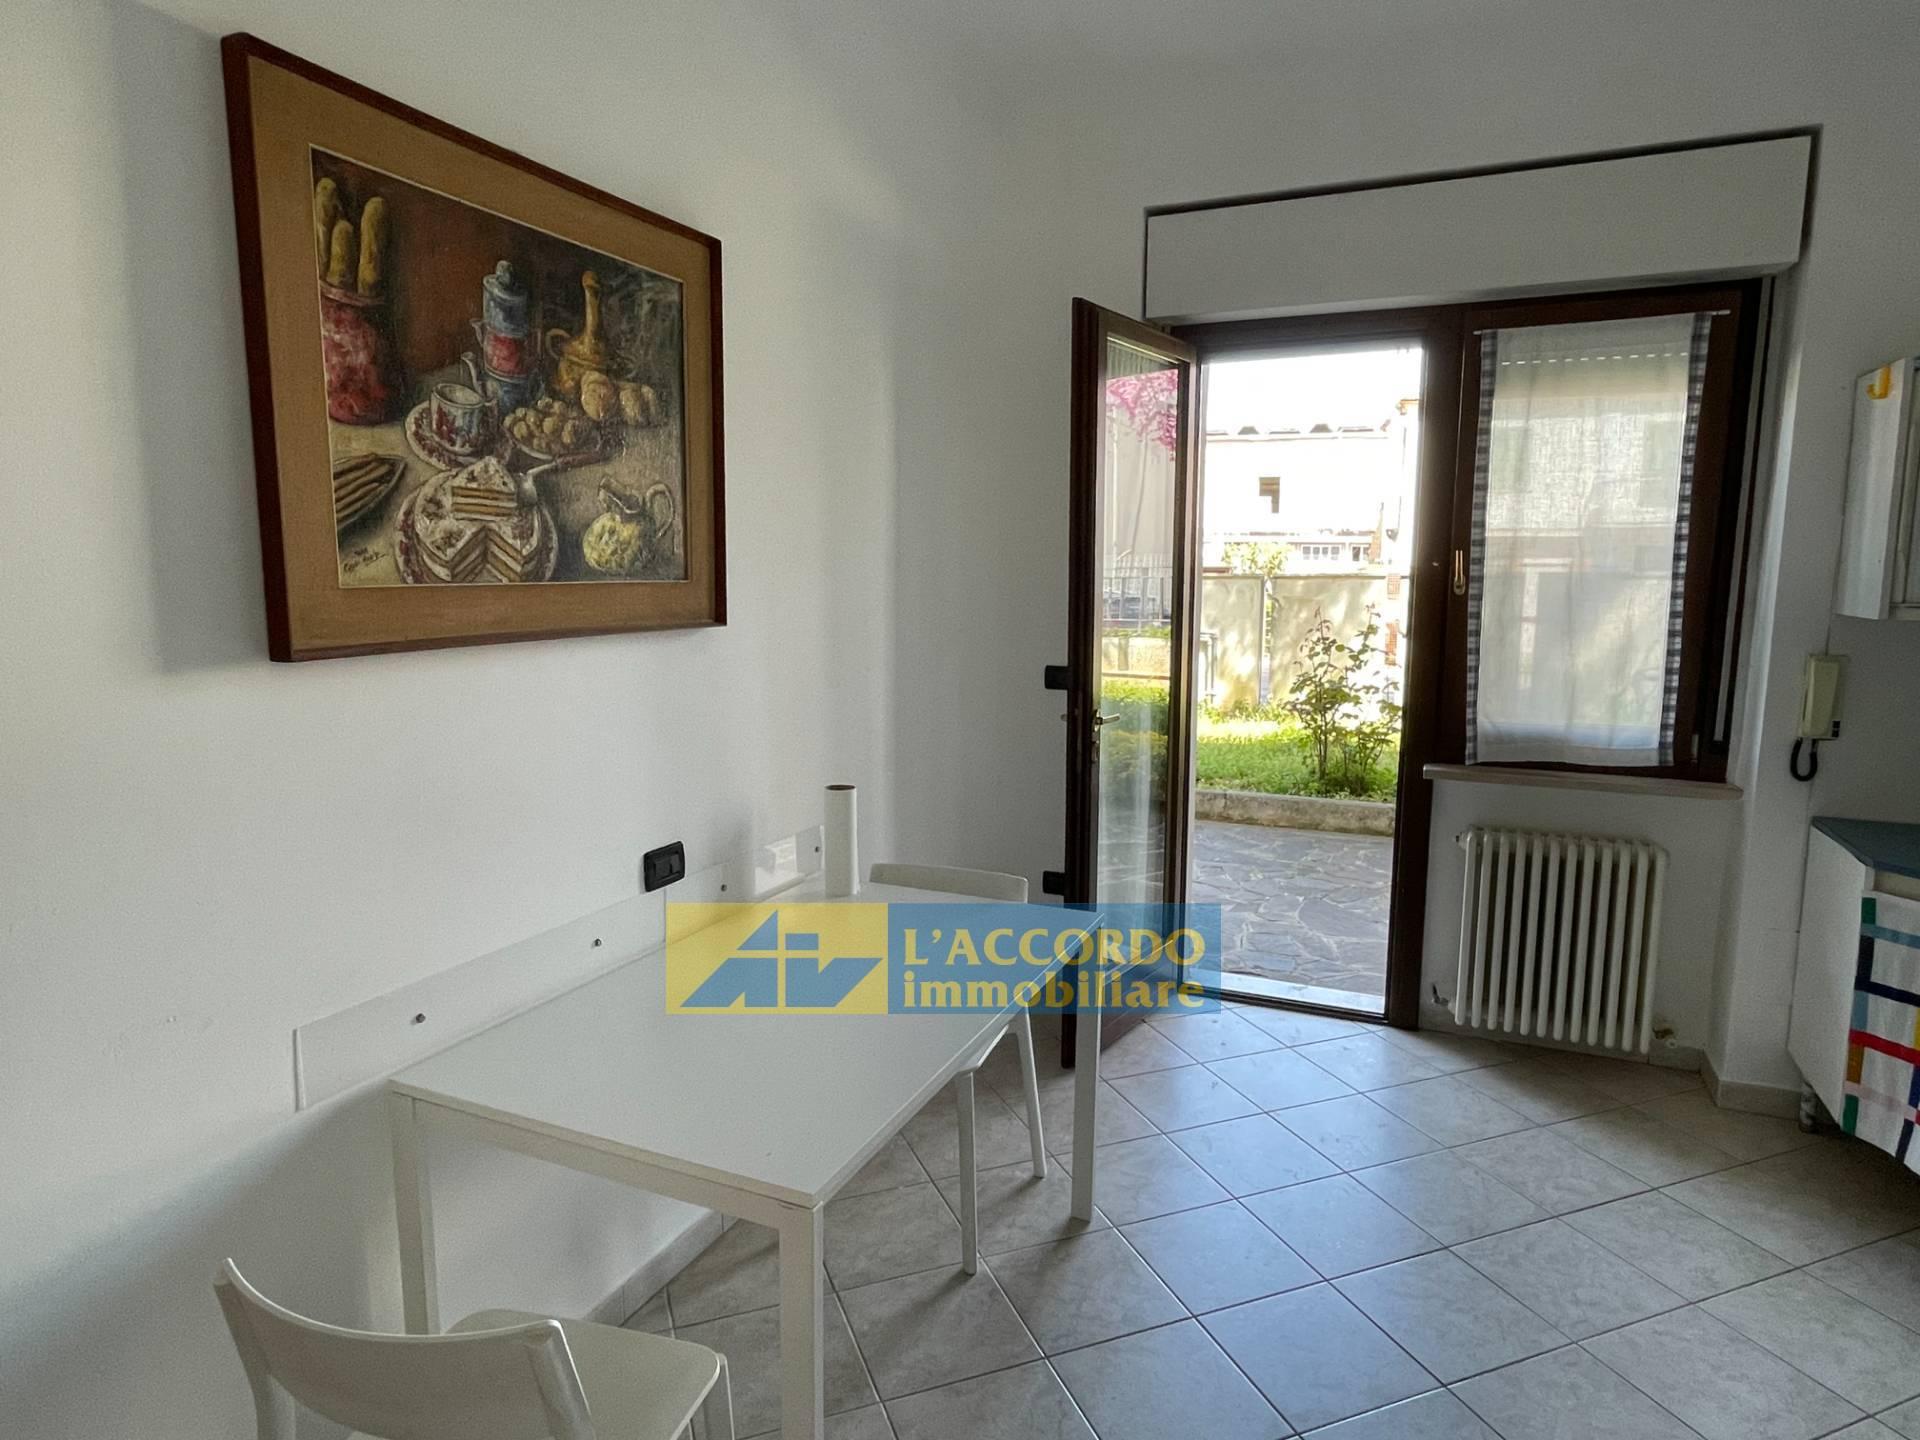 Appartamento in affitto a Chieti, 2 locali, zona Località: MadonnadellePiane, prezzo € 380   CambioCasa.it